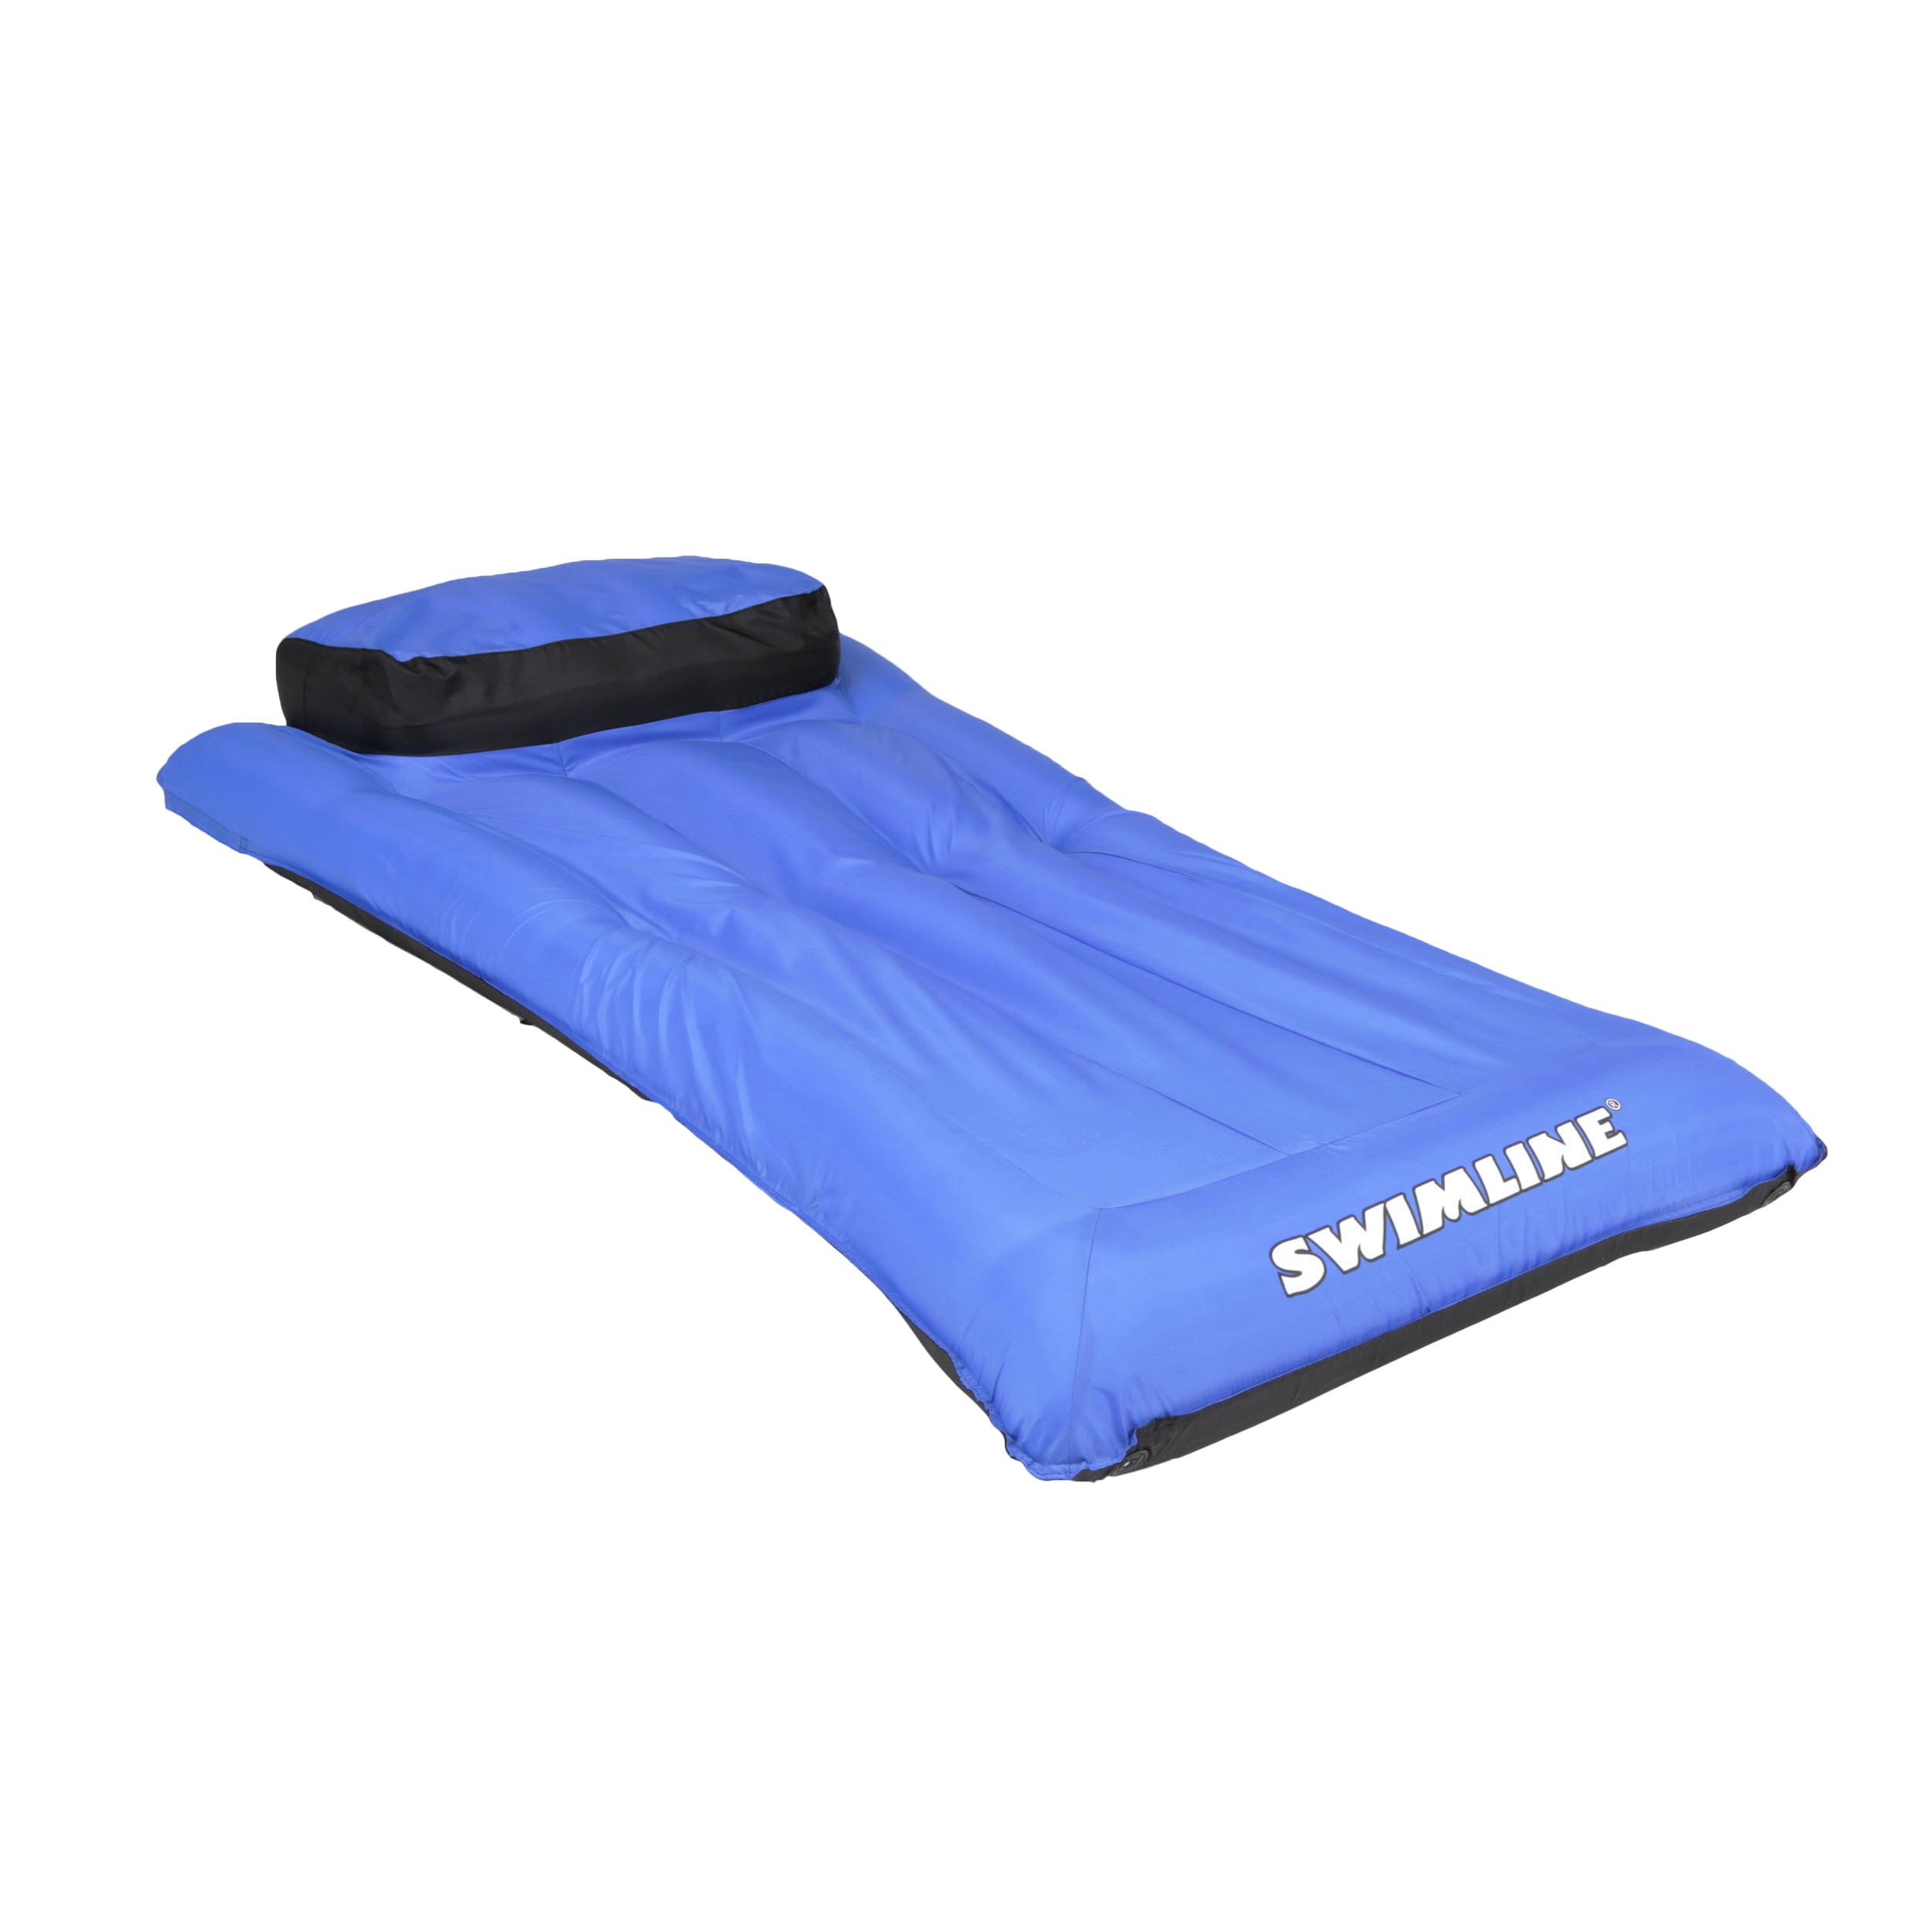 """Swimline 78/""""L x 34/""""W Swimming Pool Ultimate Super Sized Mattress Float Blue"""